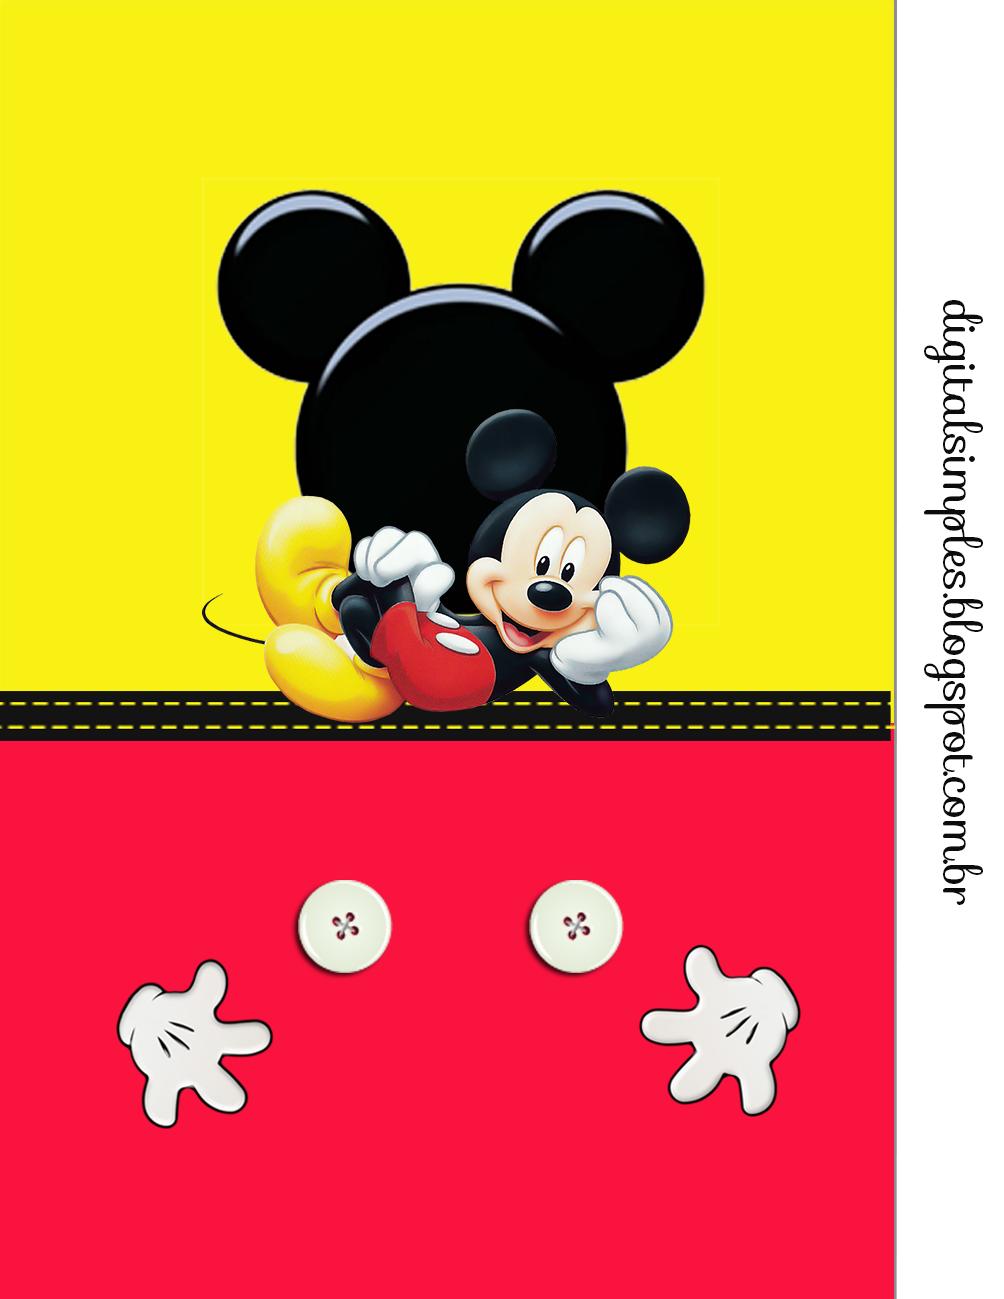 Etiqueta, Tarjeta, rótulo o portada para Imprimir Gratis. | DISNEY ...